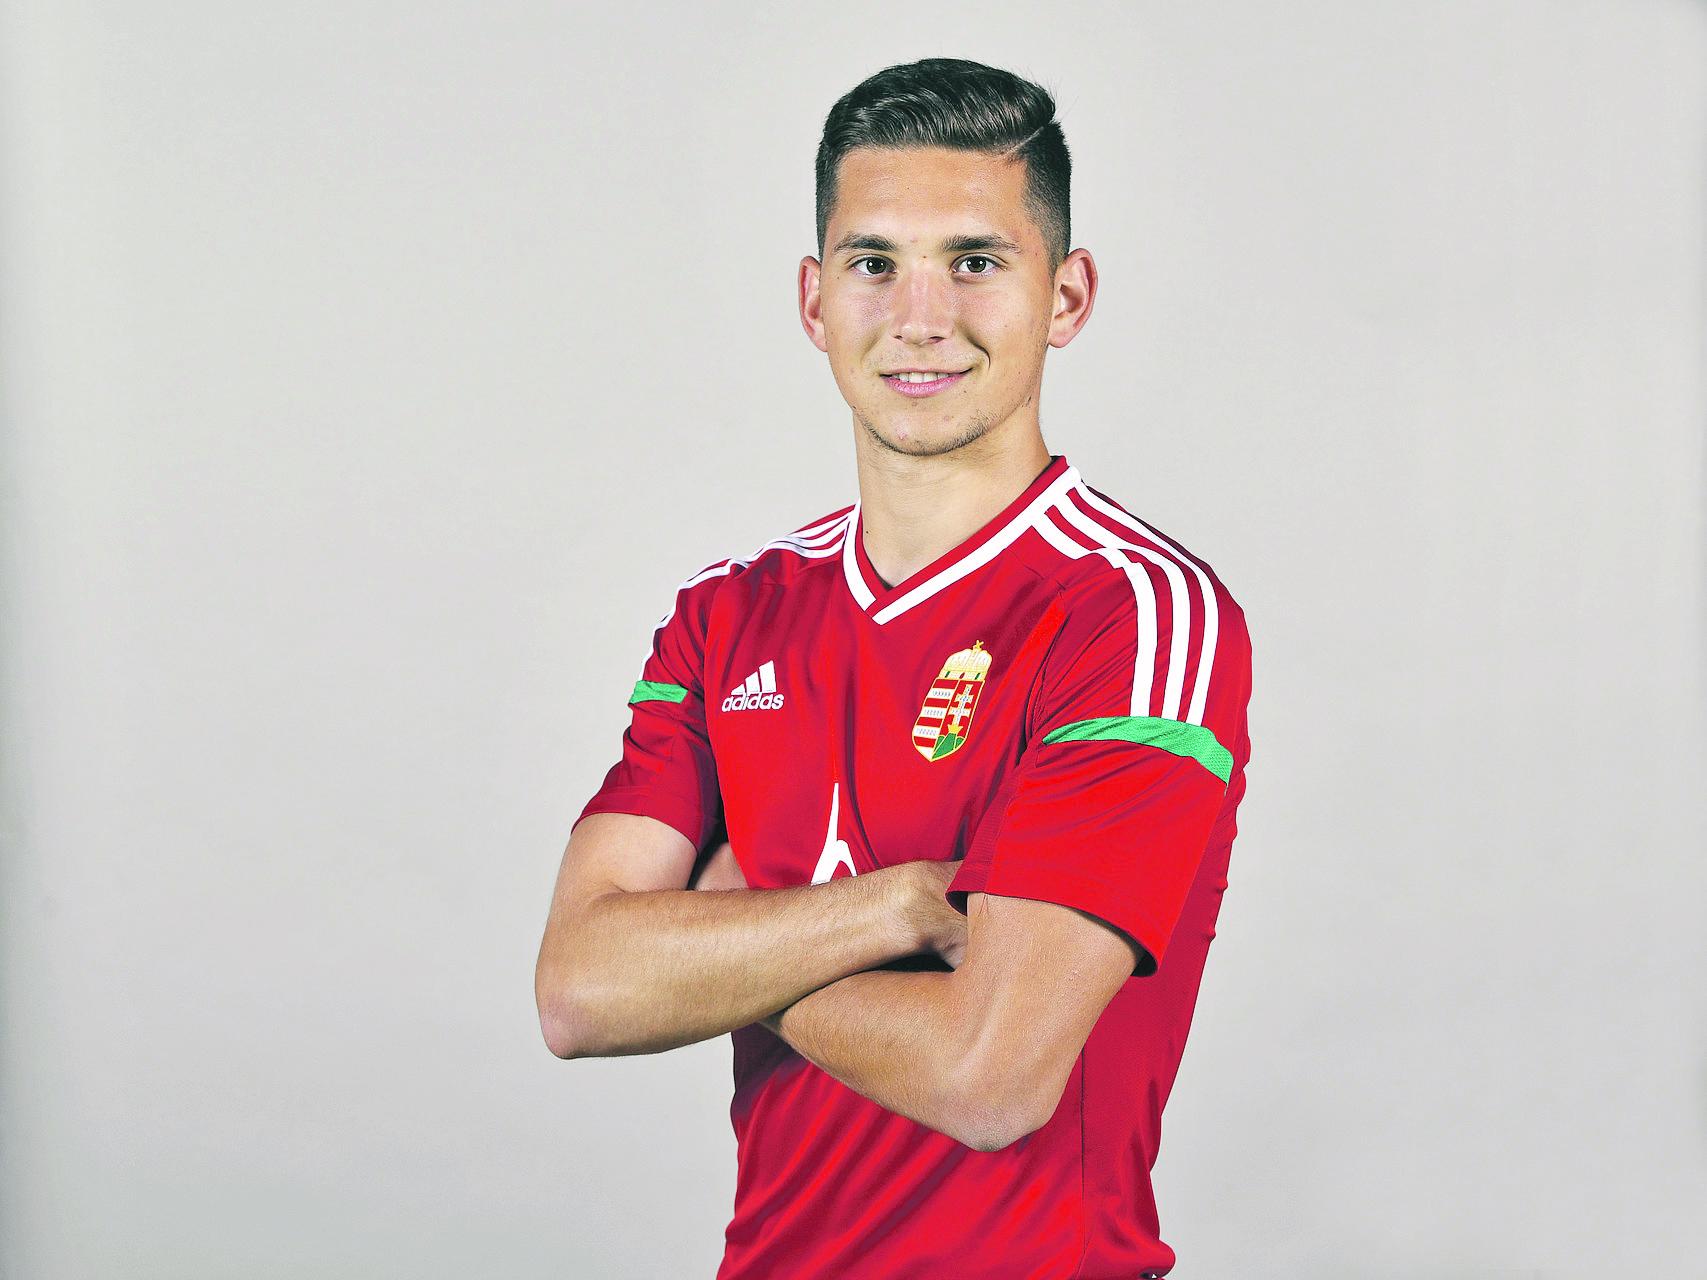 Vida 2016-ban bemutatkozhatott a magyar válogatottban